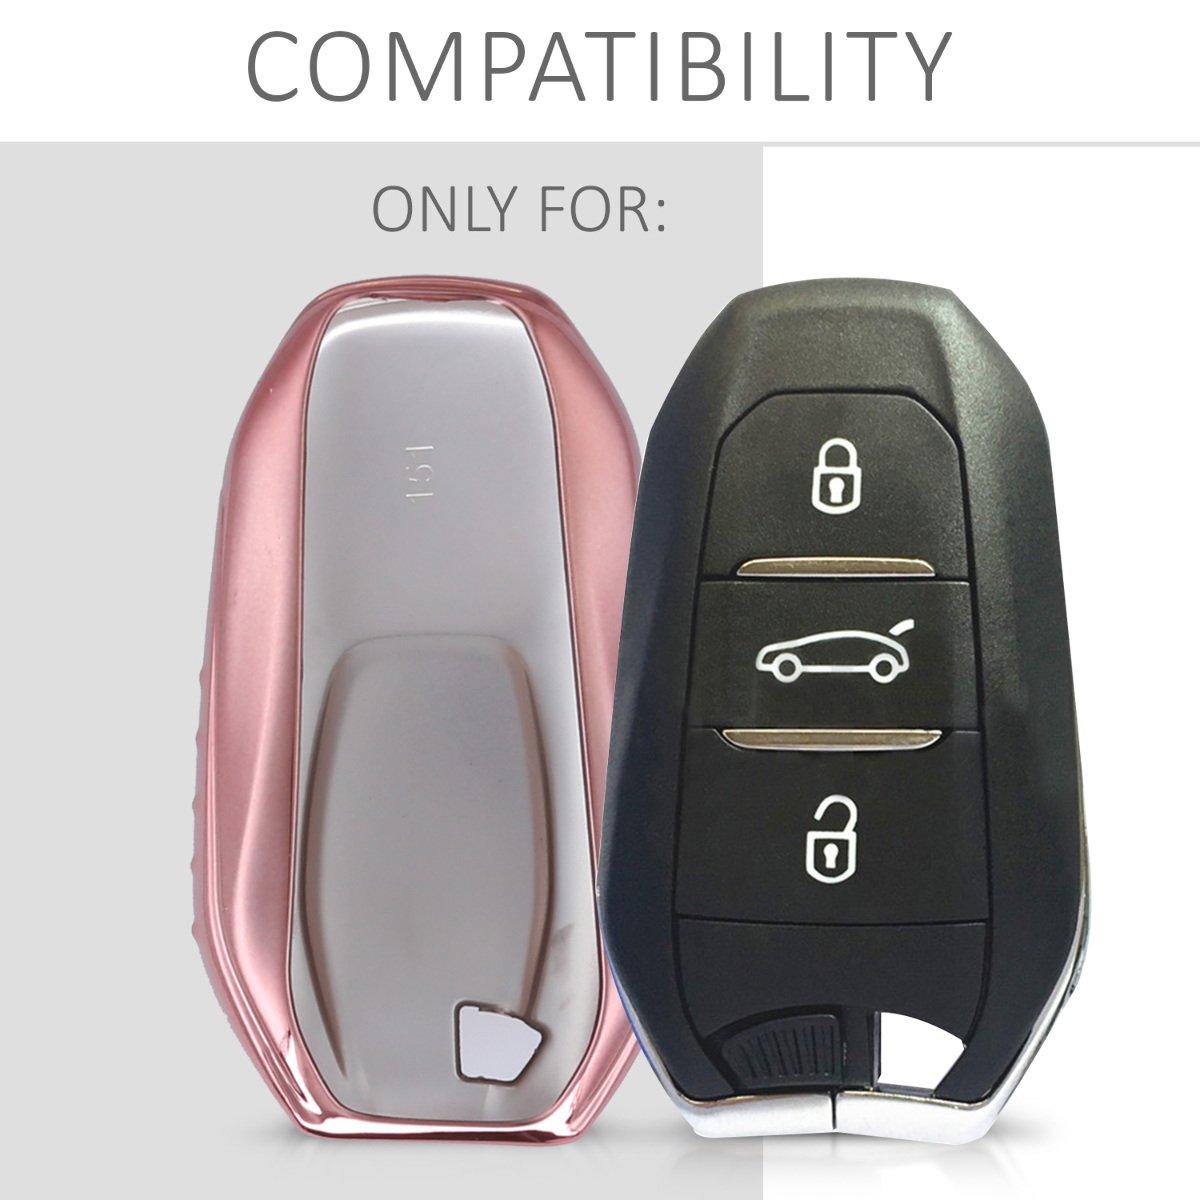 Solamente Keyless Go - Carcasa Suave de TPU para Llaves kwmobile Funda para Llave Smartkey de 3 Botones para Coche Peugeot Citroen Cover de Mando y Control de Auto en Rosa Oro Brillante